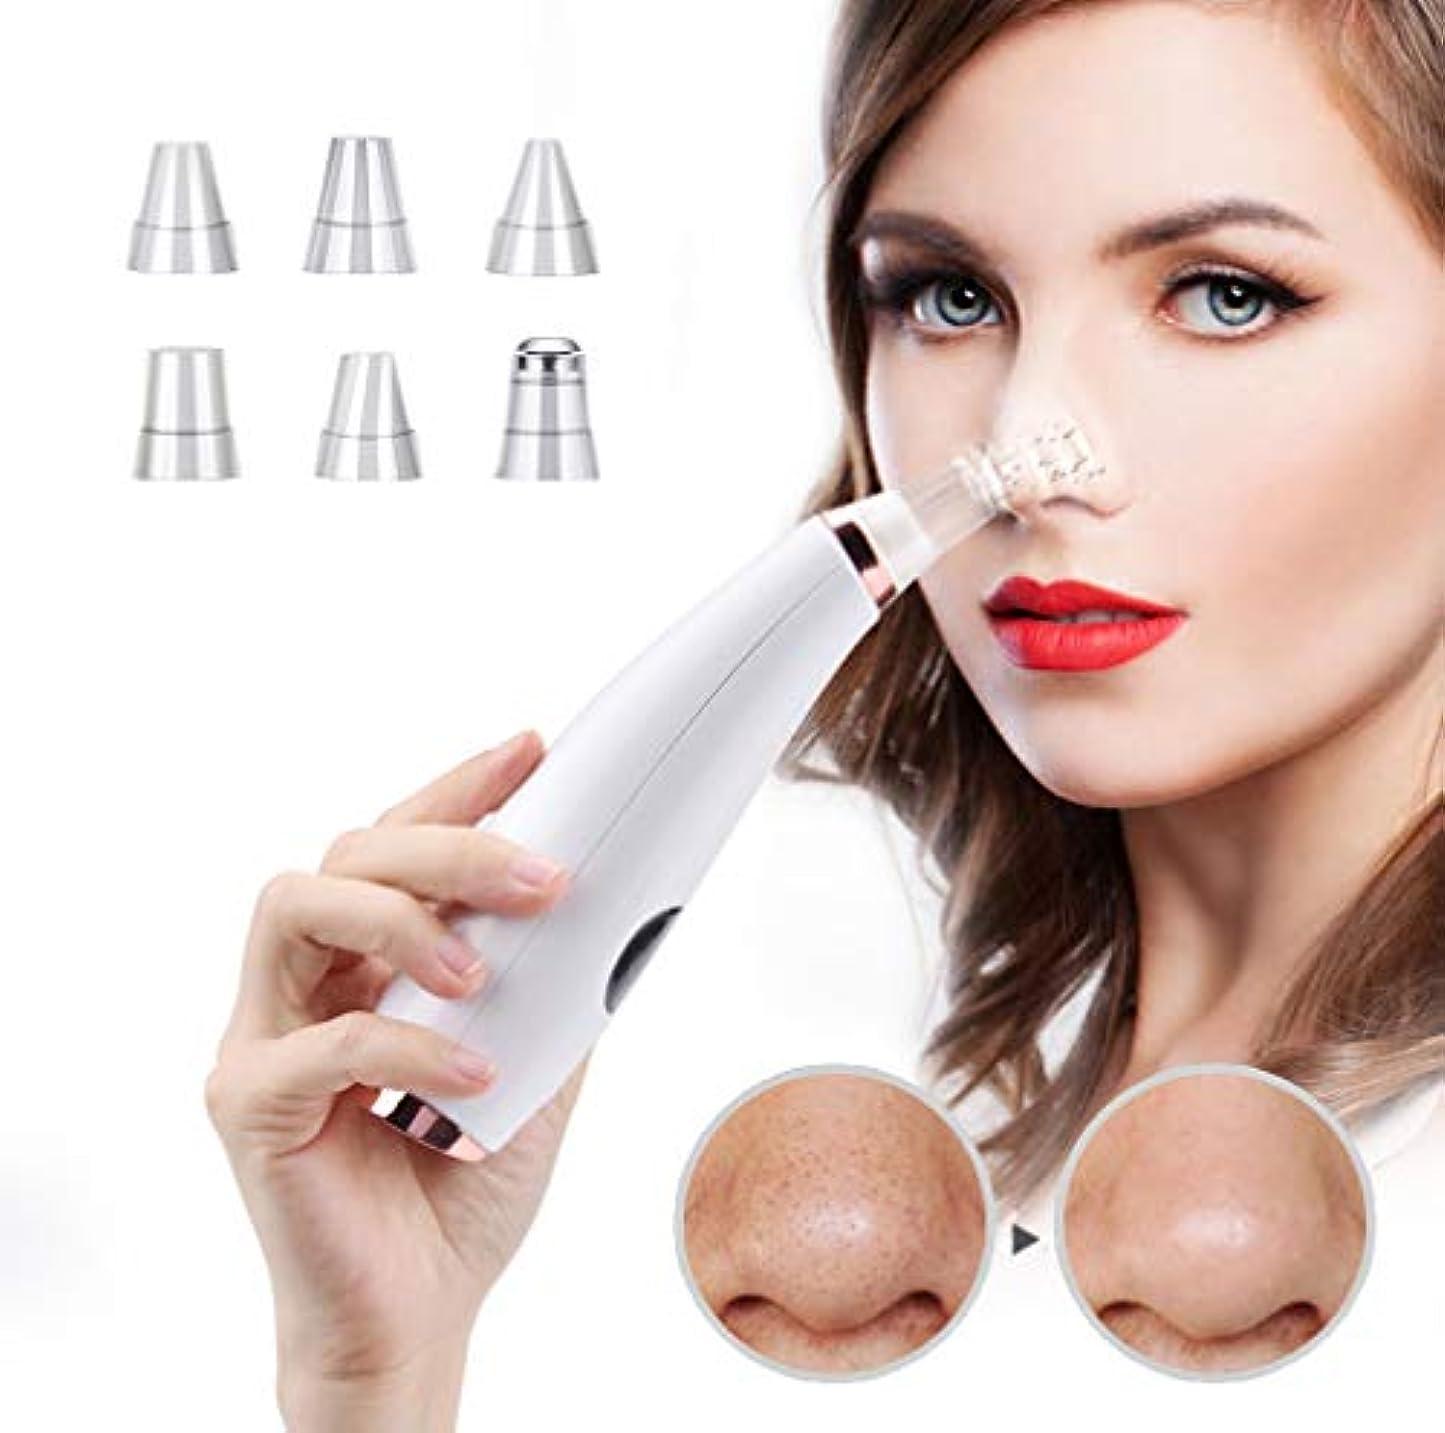 変化する撤回するホステル6に1ブラックヘッドリムーバー真空ツール美容顔とスキンケアにきび治療ツール用男性女性顔クリーナー吸引電気デバイス